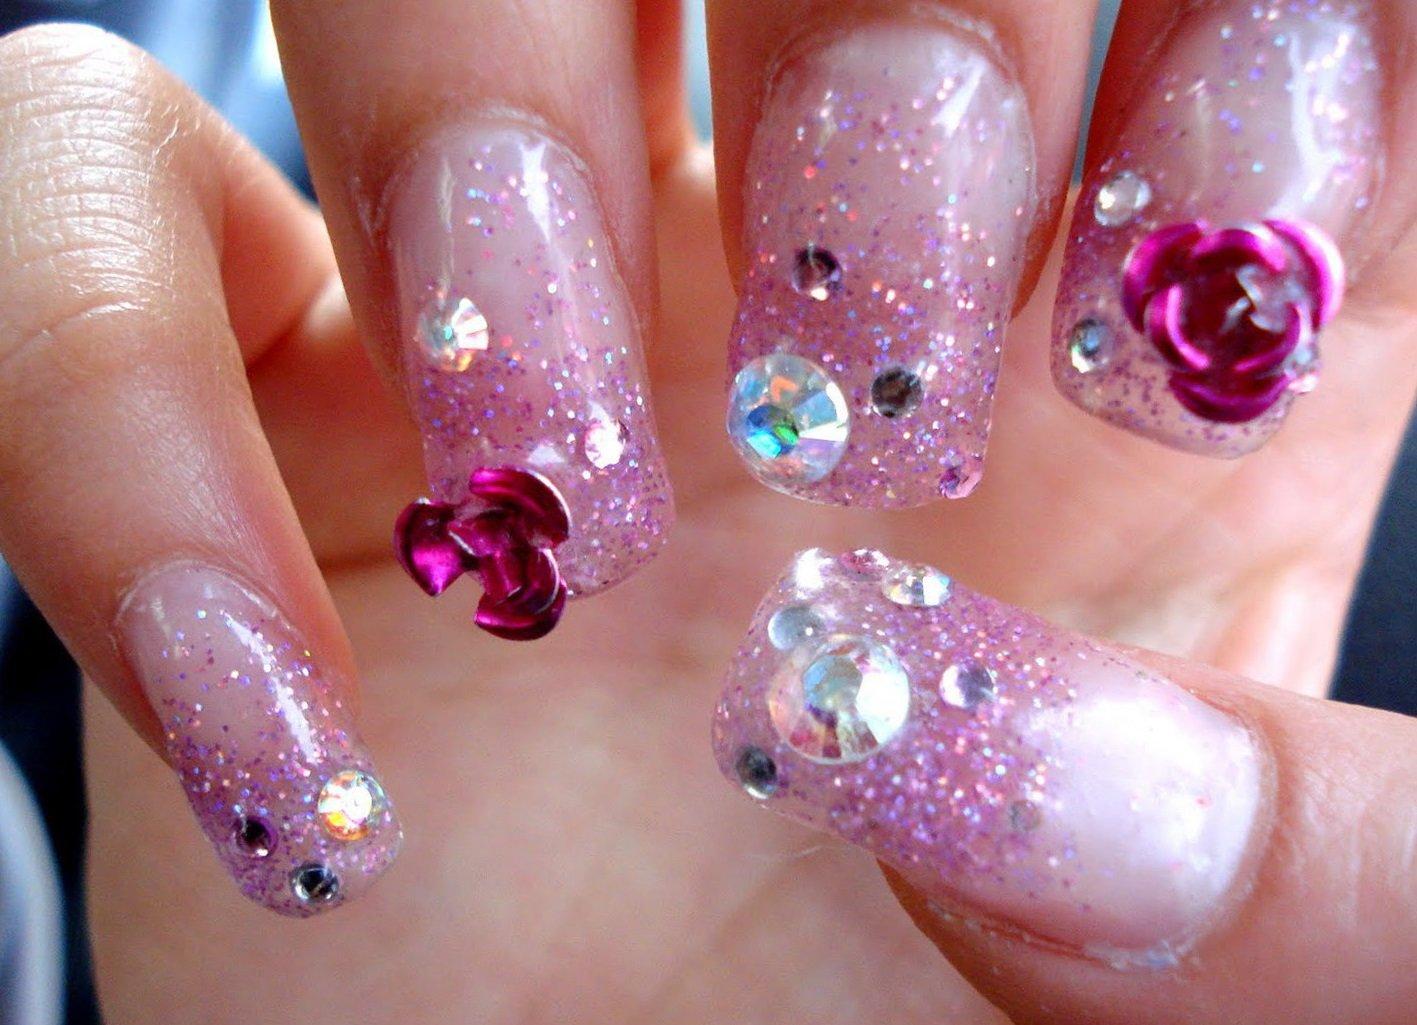 банки необычное наращивание ногтей фото они прекрасны передают